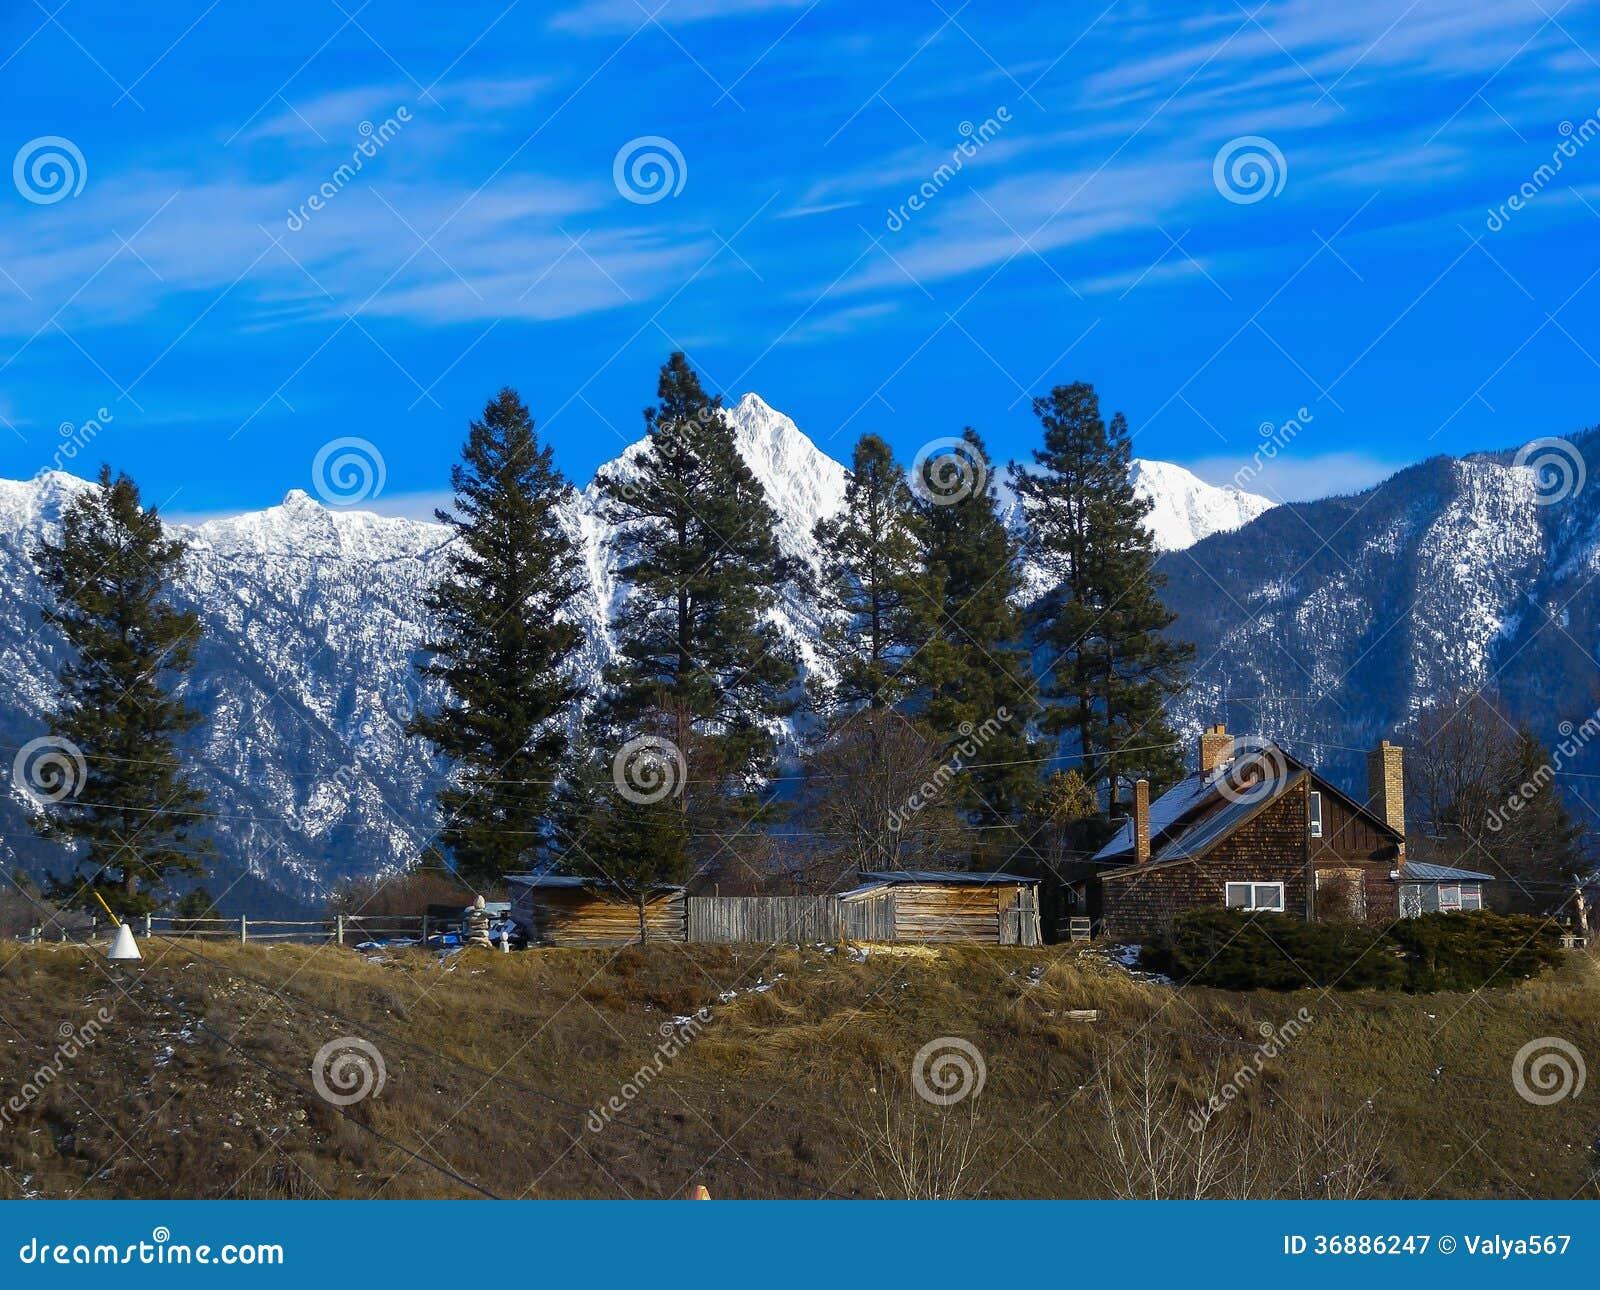 Download Montagne immagine stock. Immagine di ghiacciato, canada - 36886247